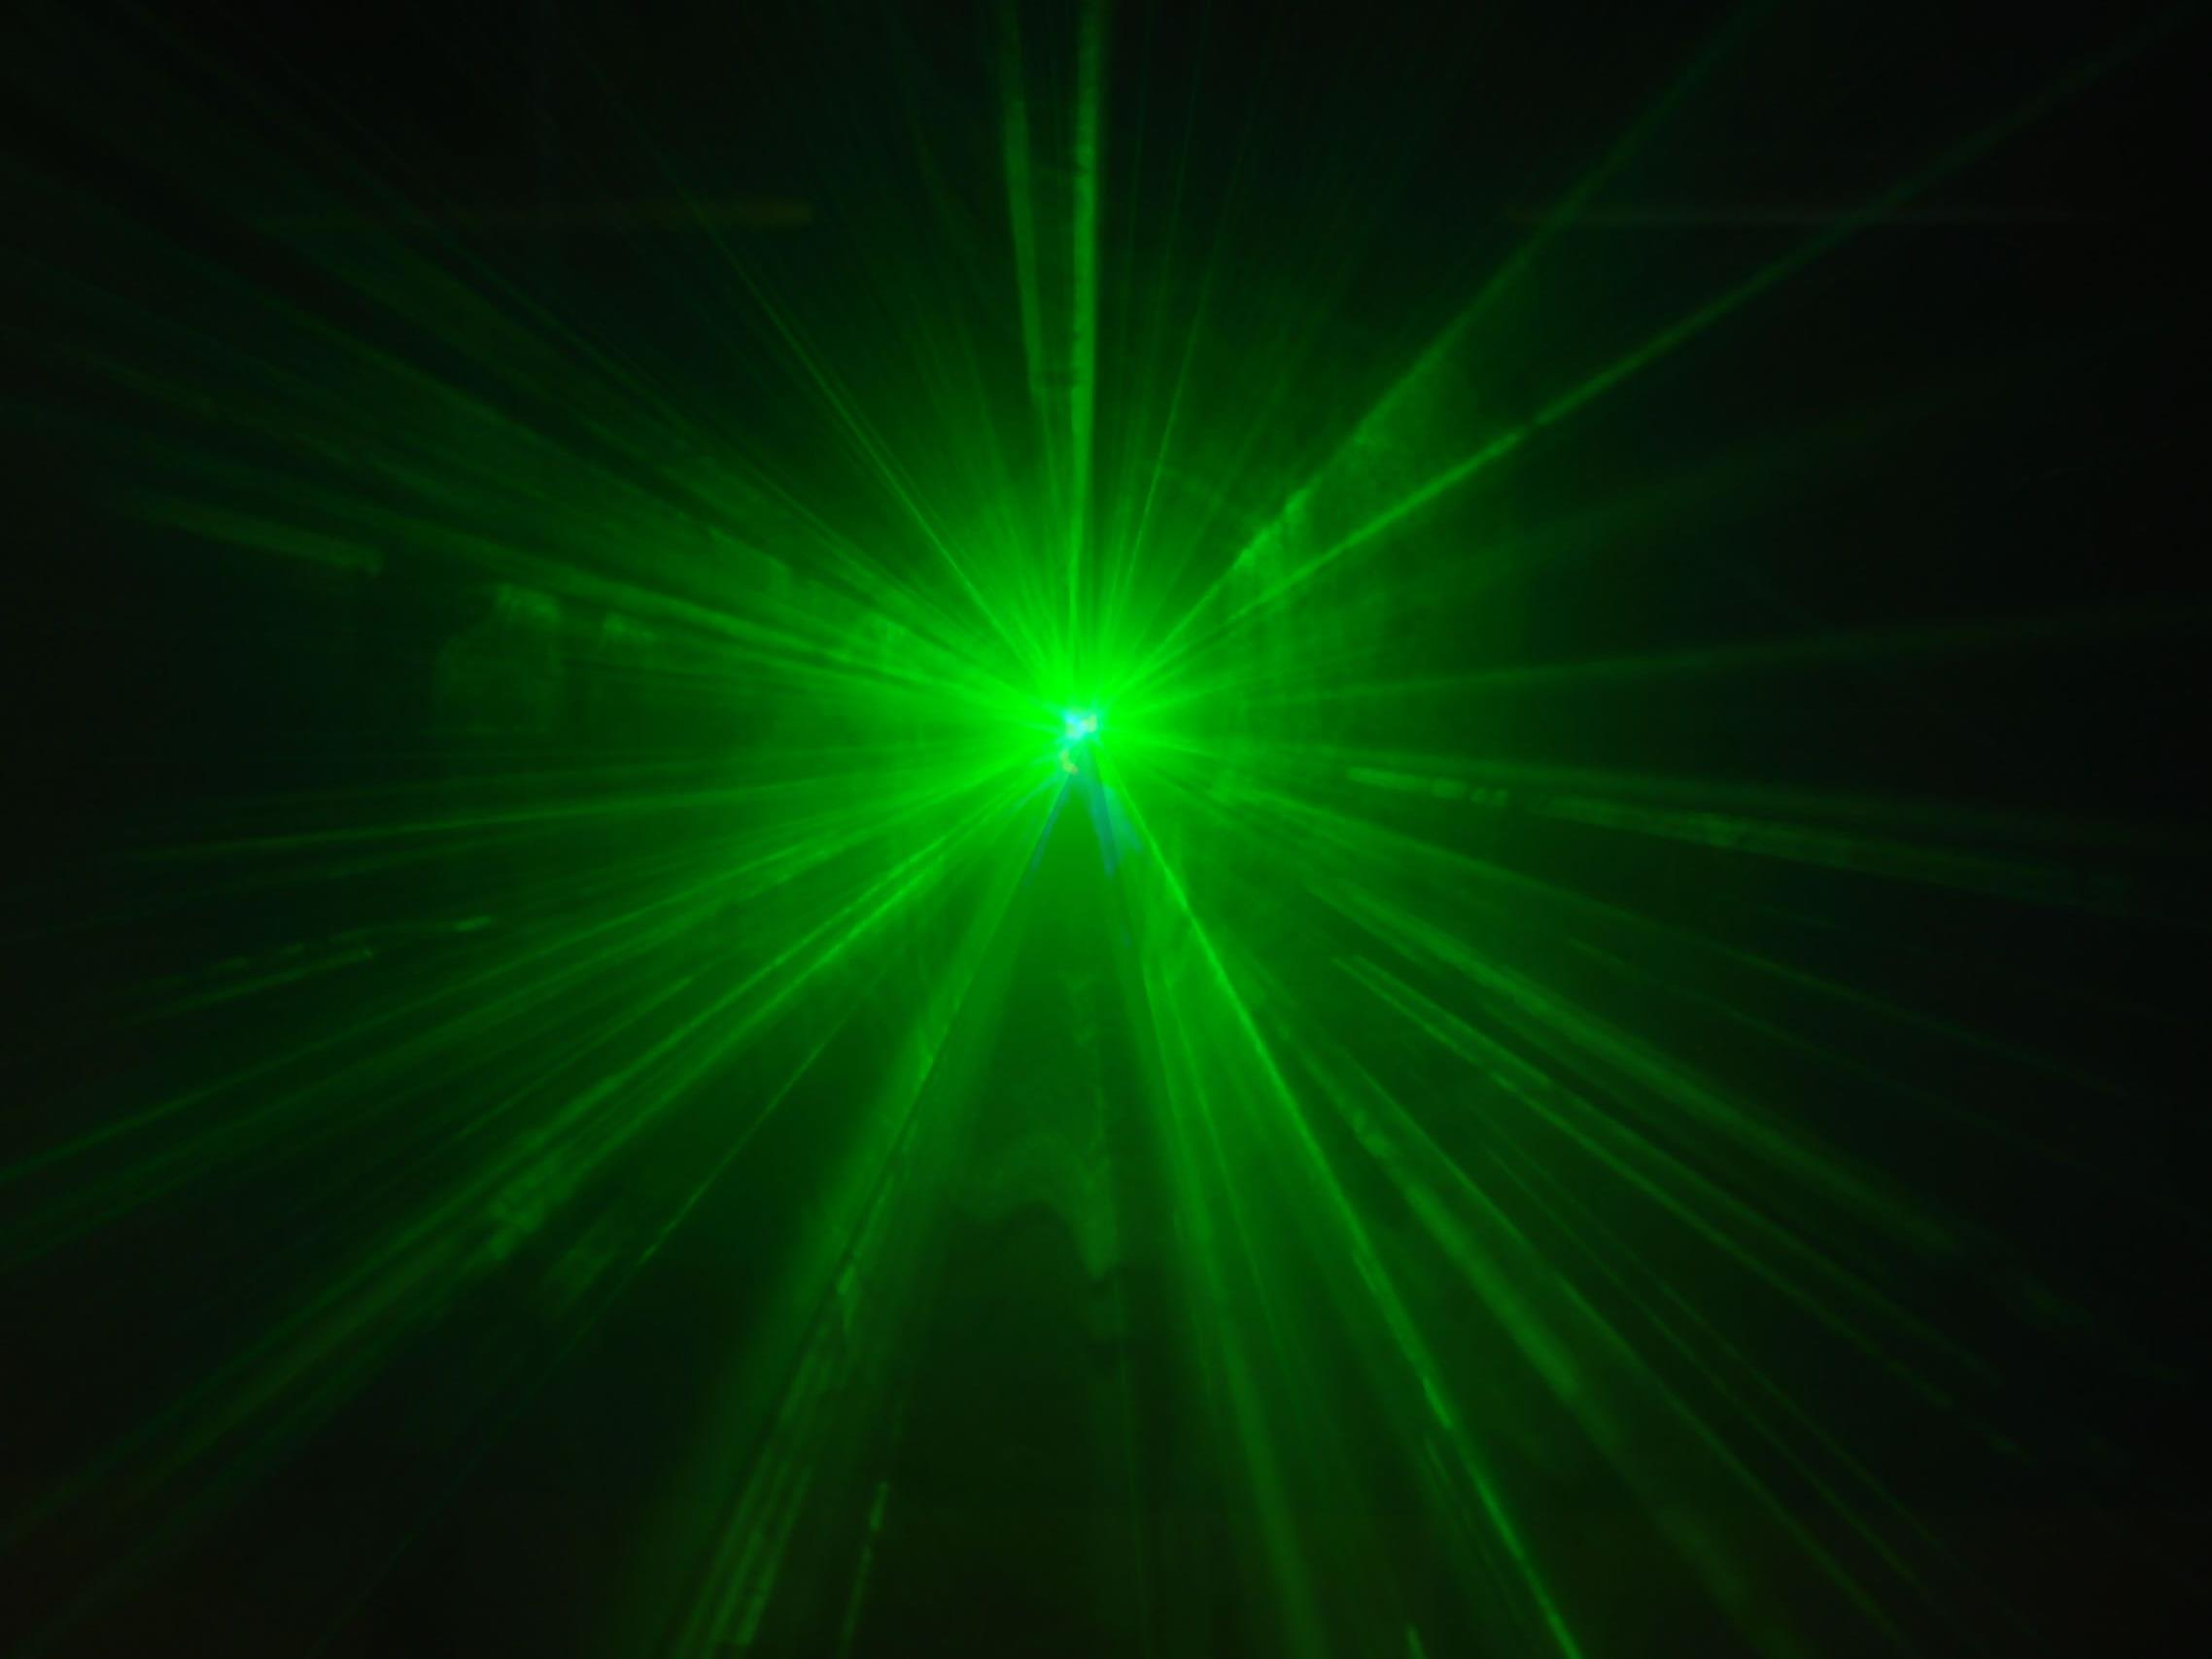 Lebendiges erzeugt Laserstrahl - Eiweiß GFP entscheidend